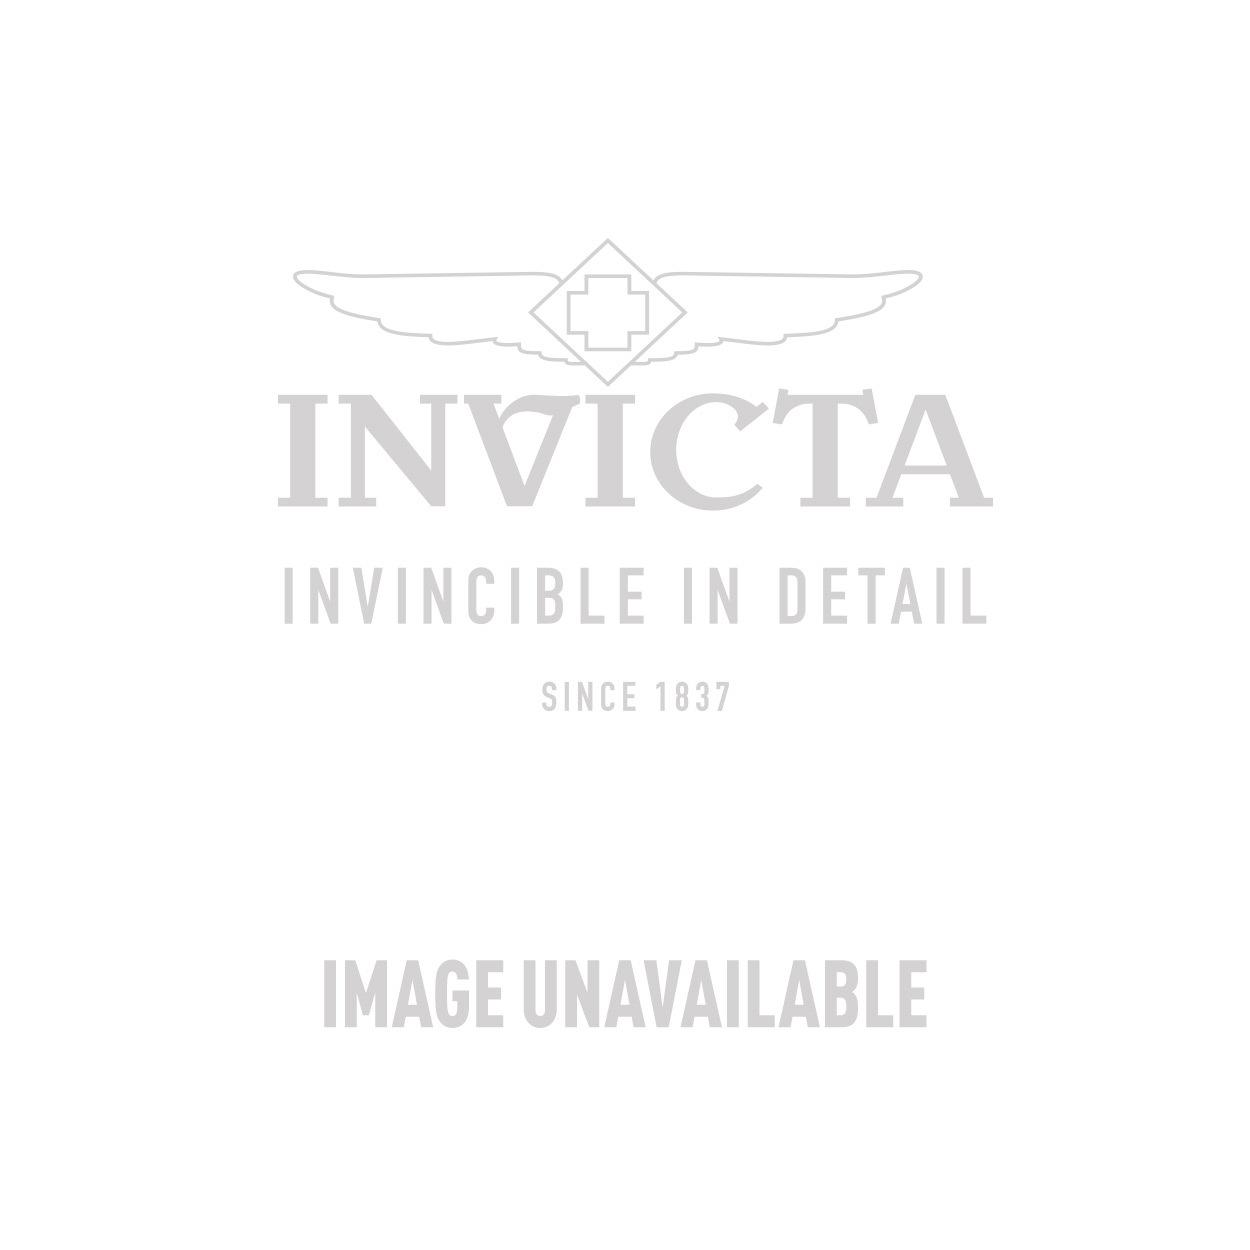 Invicta Model 25055